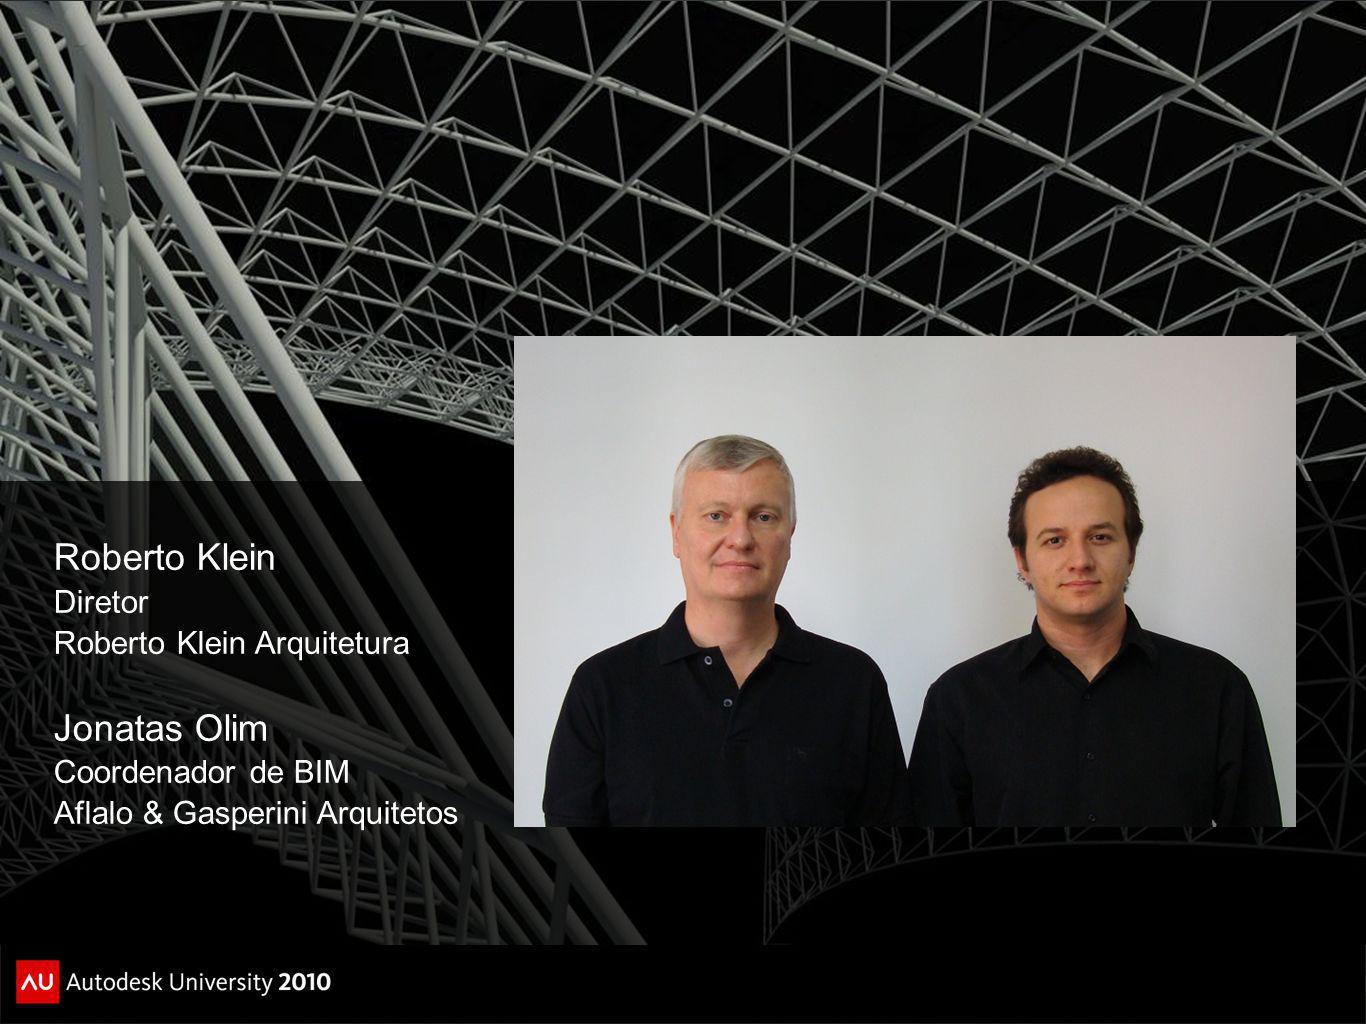 Roberto Klein Diretor Roberto Klein Arquitetura Jonatas Olim Coordenador de BIM Aflalo & Gasperini Arquitetos